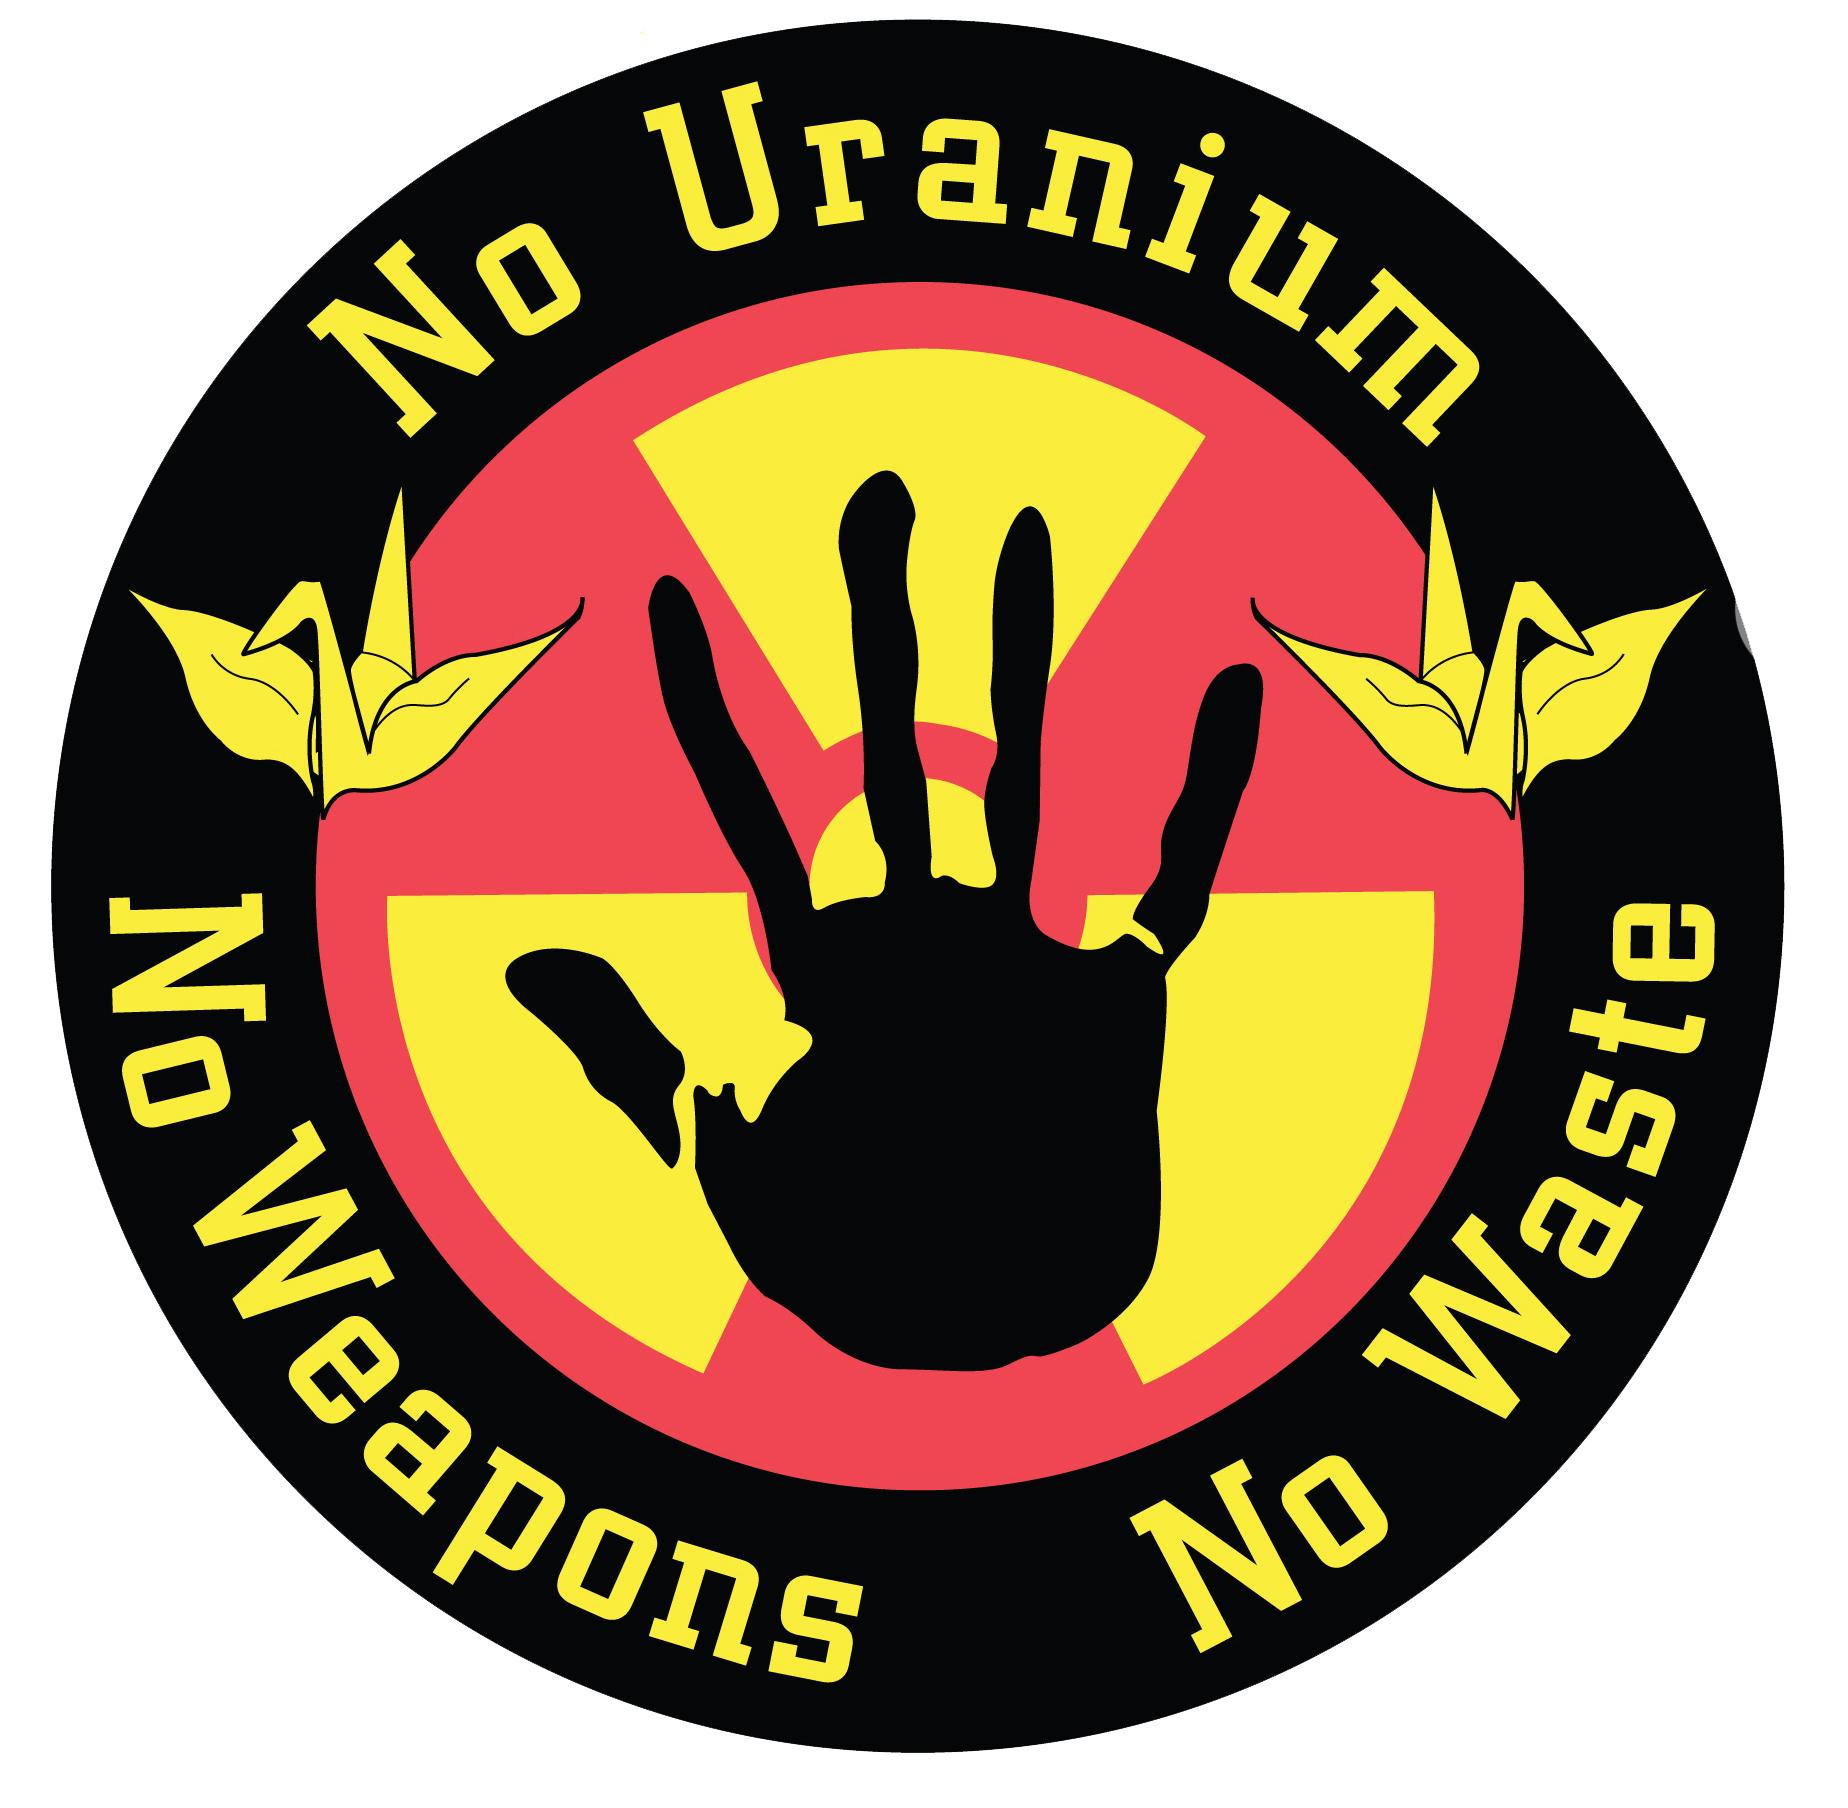 No uranium, No Weapons , No waste